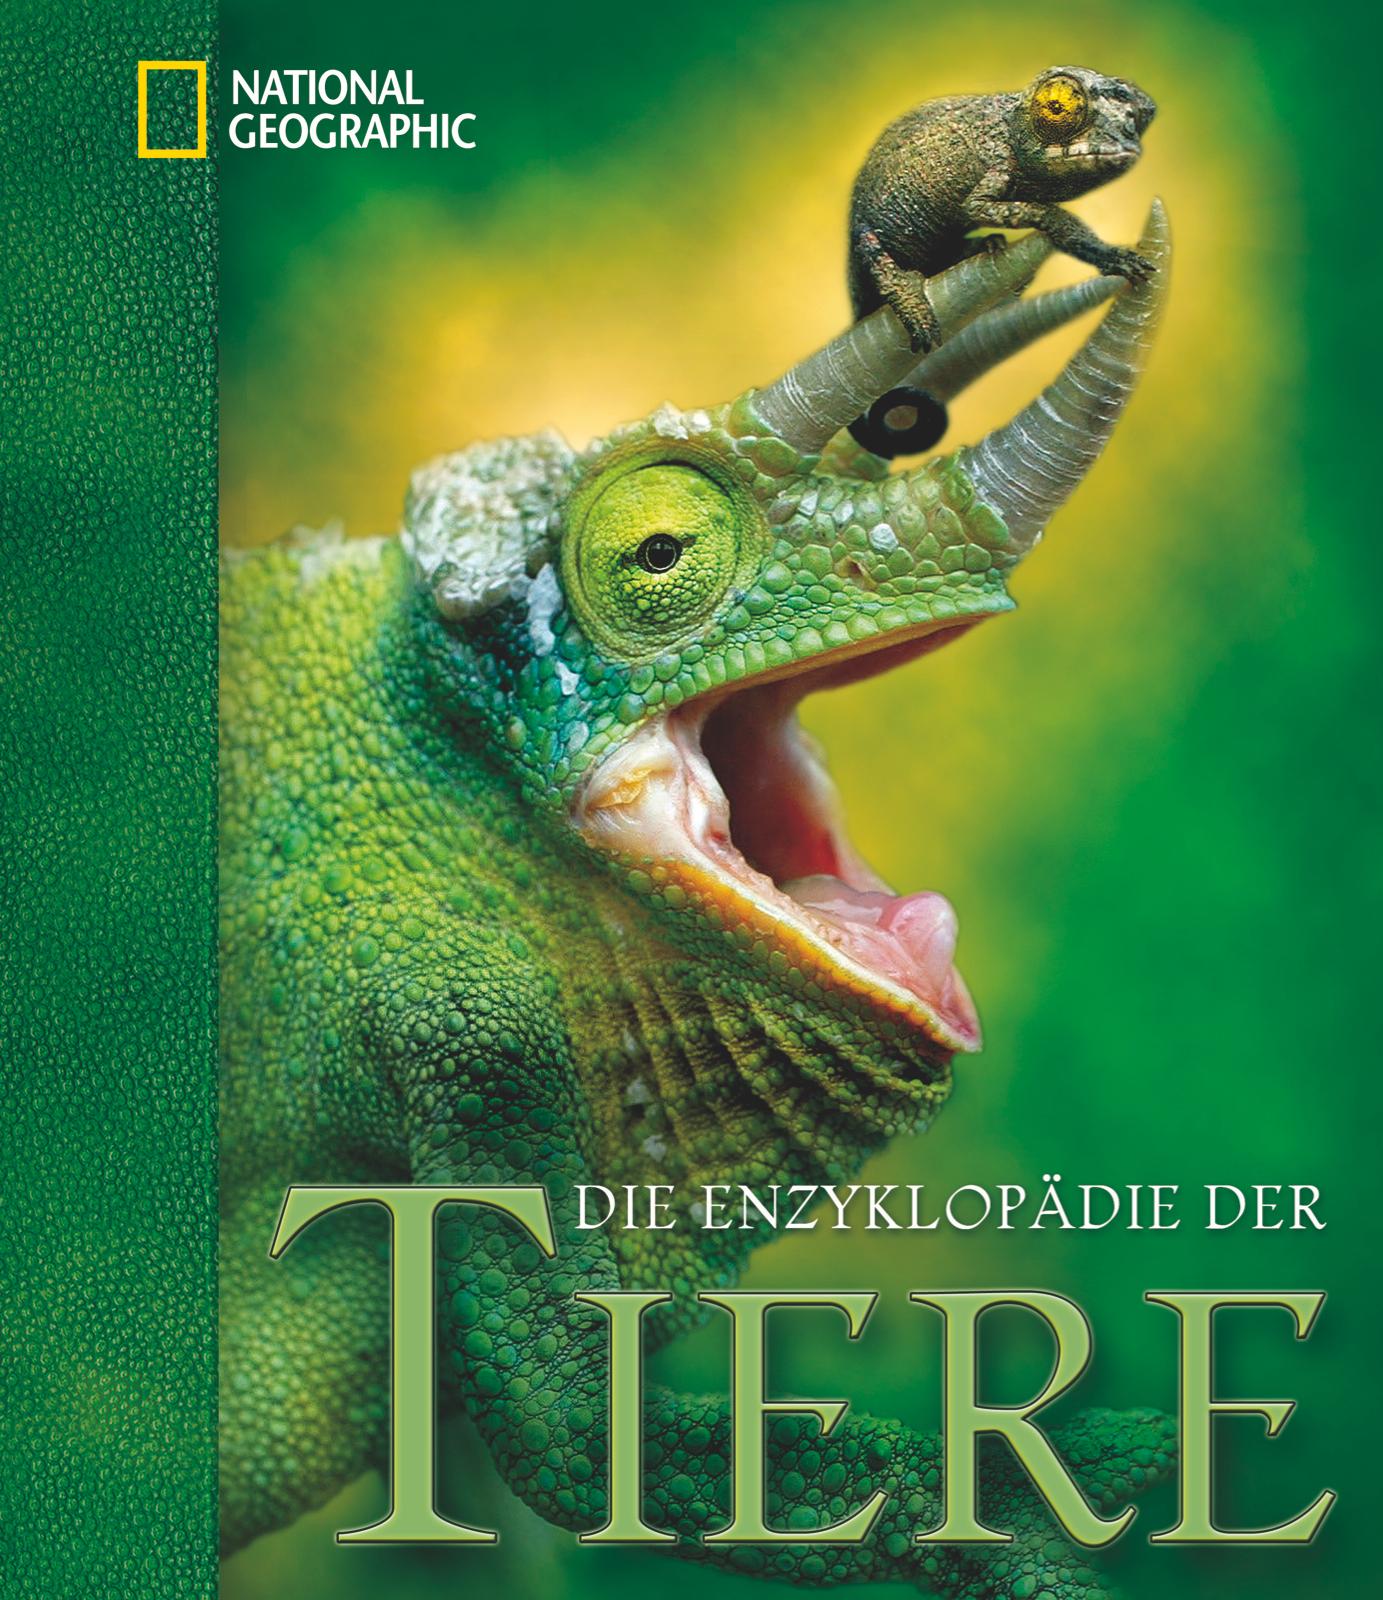 NEU Die Enzyklopädie der Tiere Jenni Bruce 902466